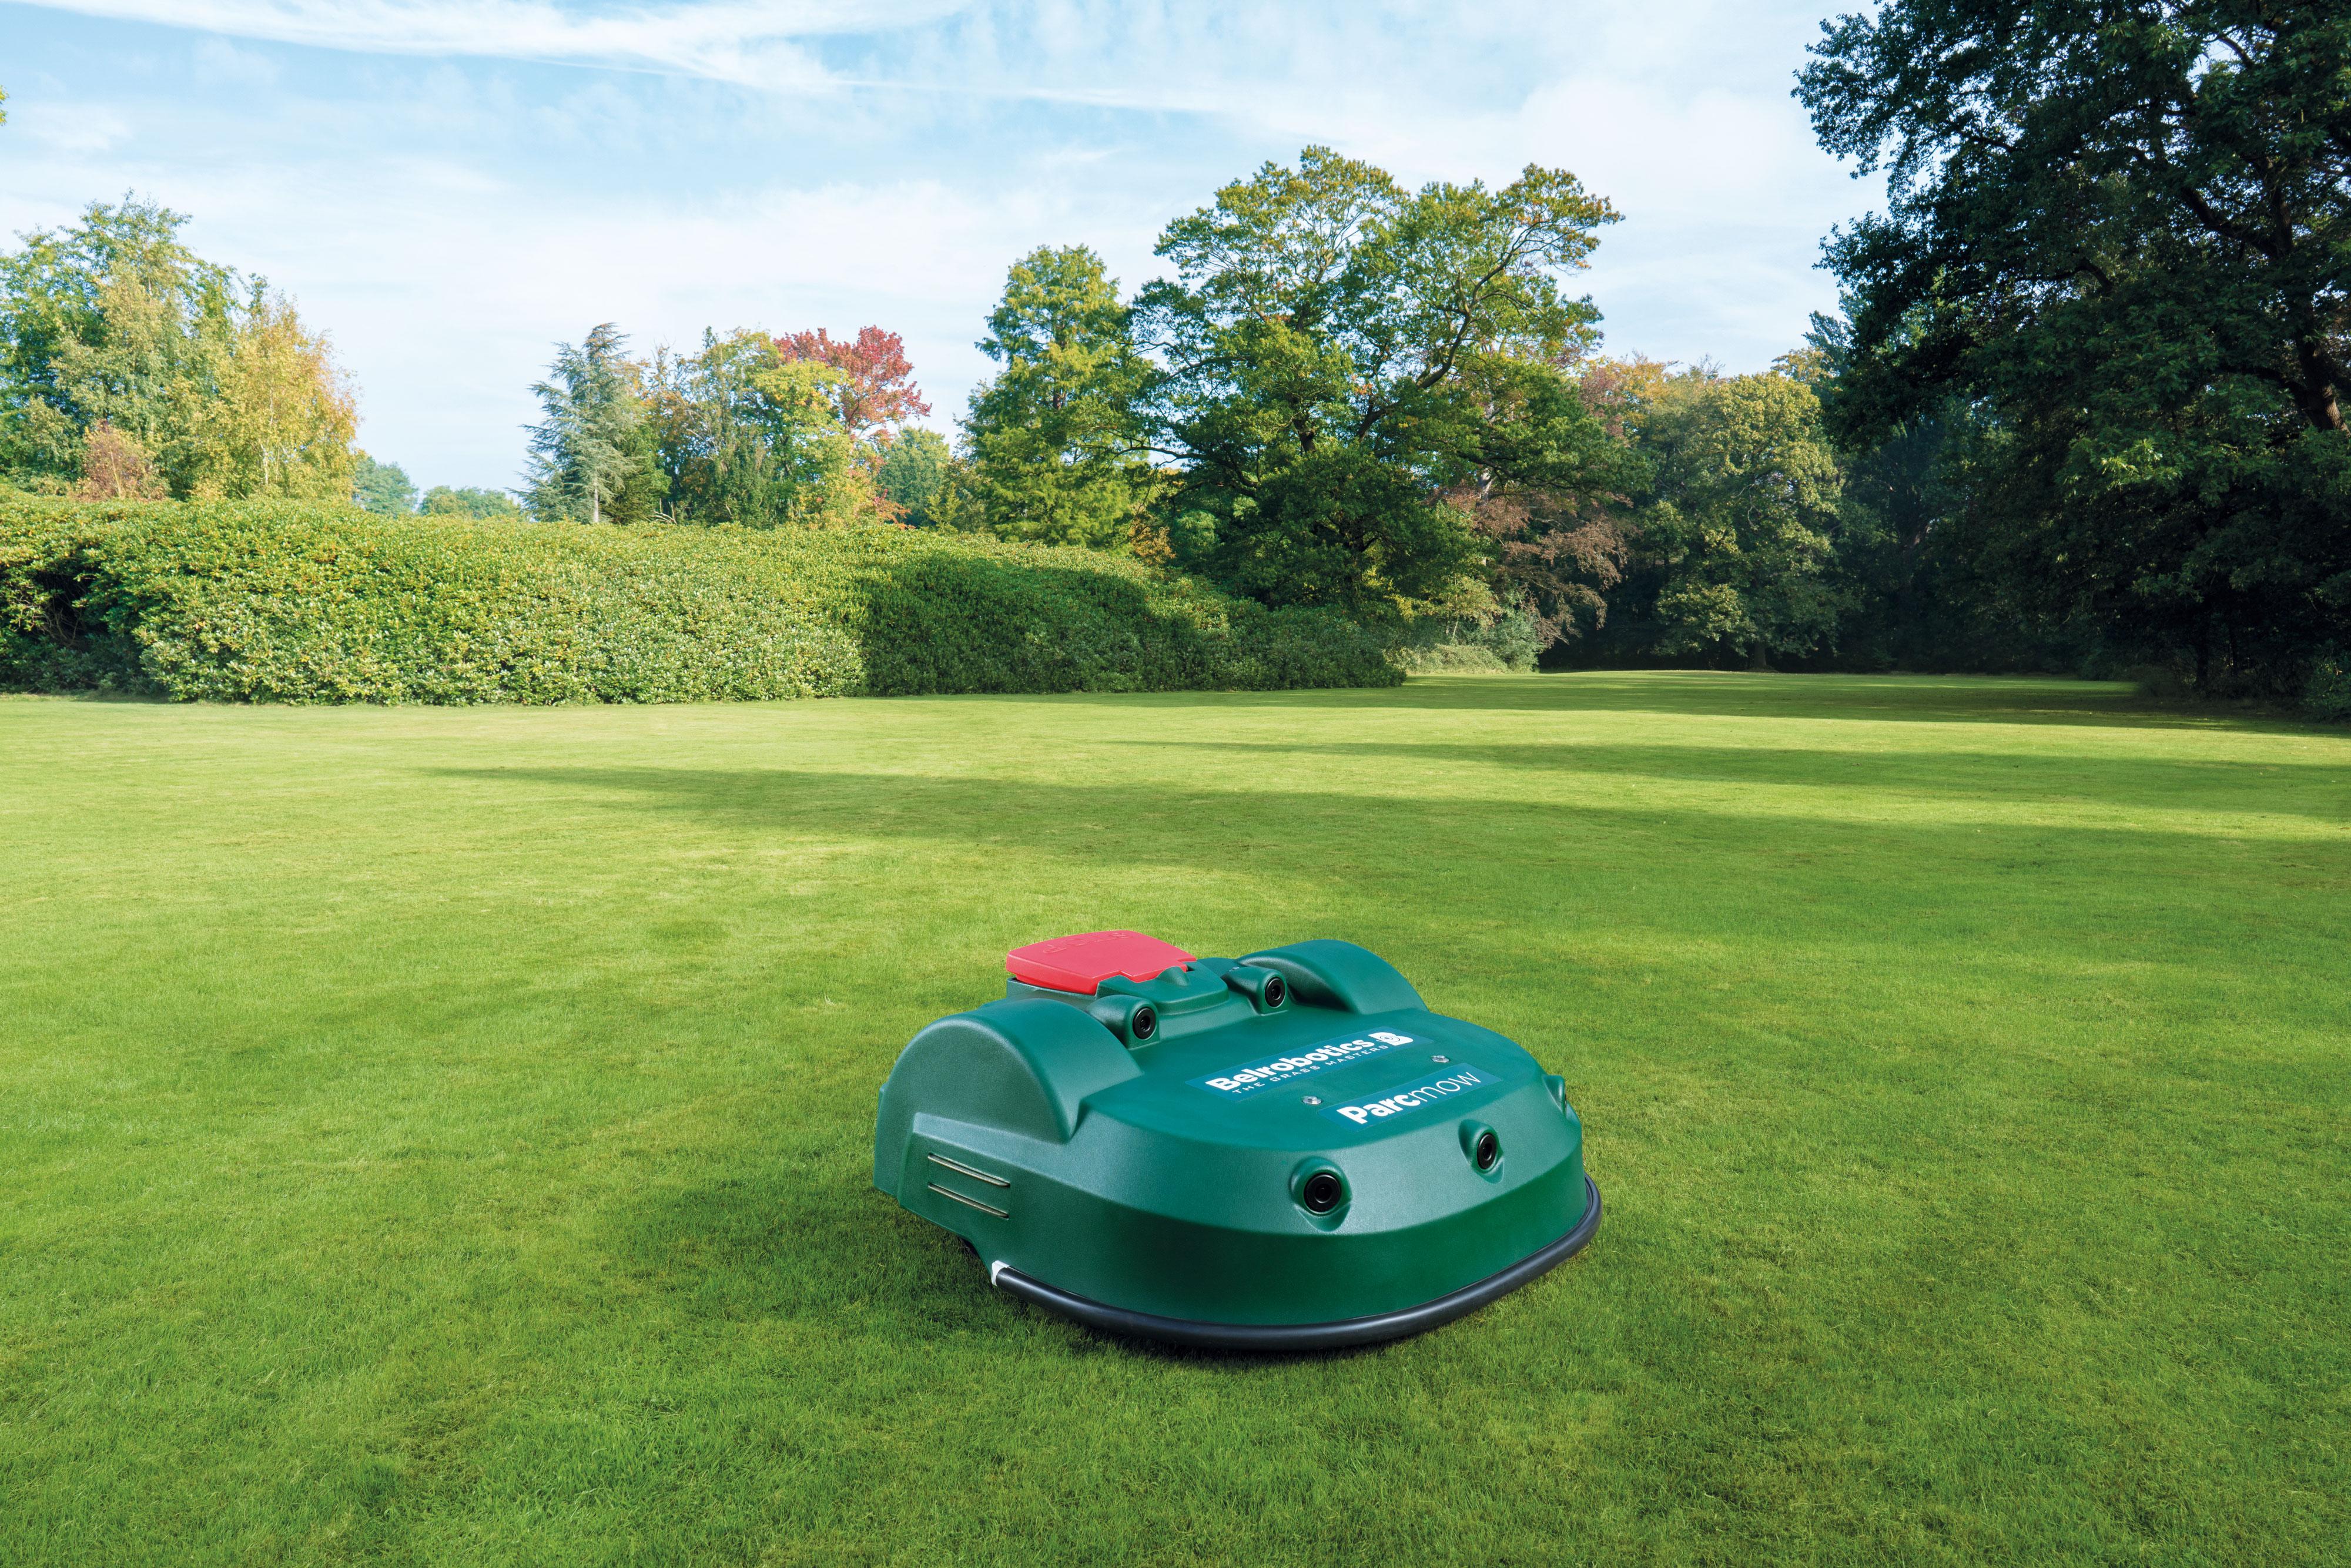 Wide area robot mower, a sizeable advantage